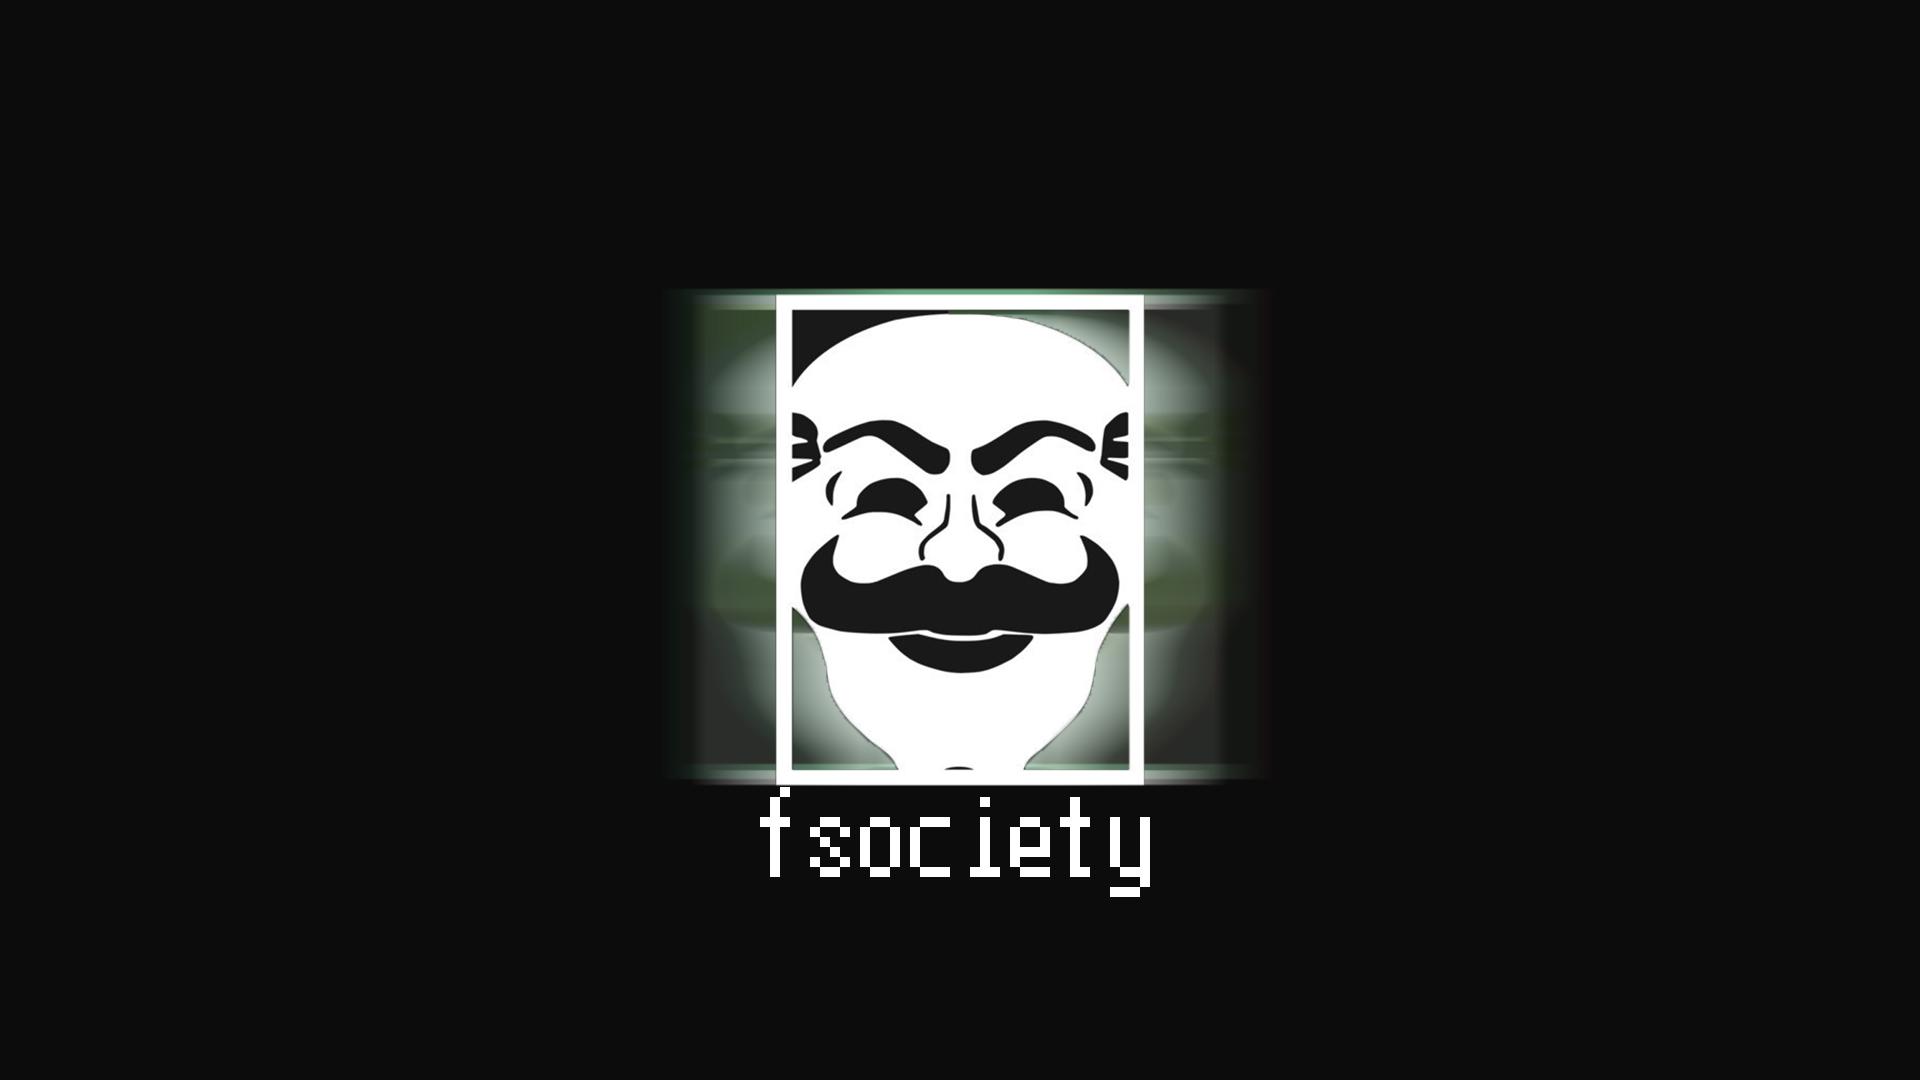 fsociety_2__1920x1080__by_kozmosindigo-d98e4ml